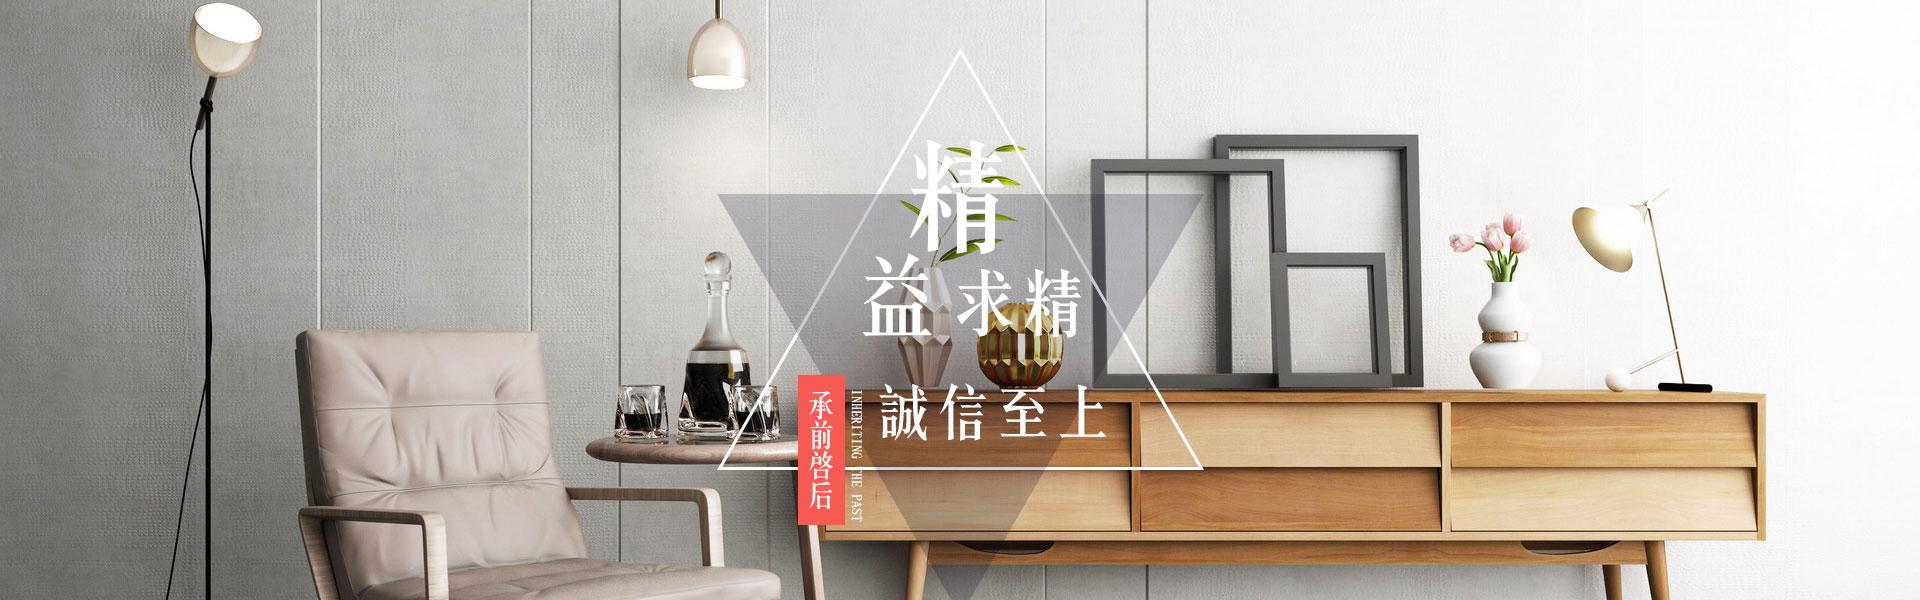 重庆旧房翻新公司